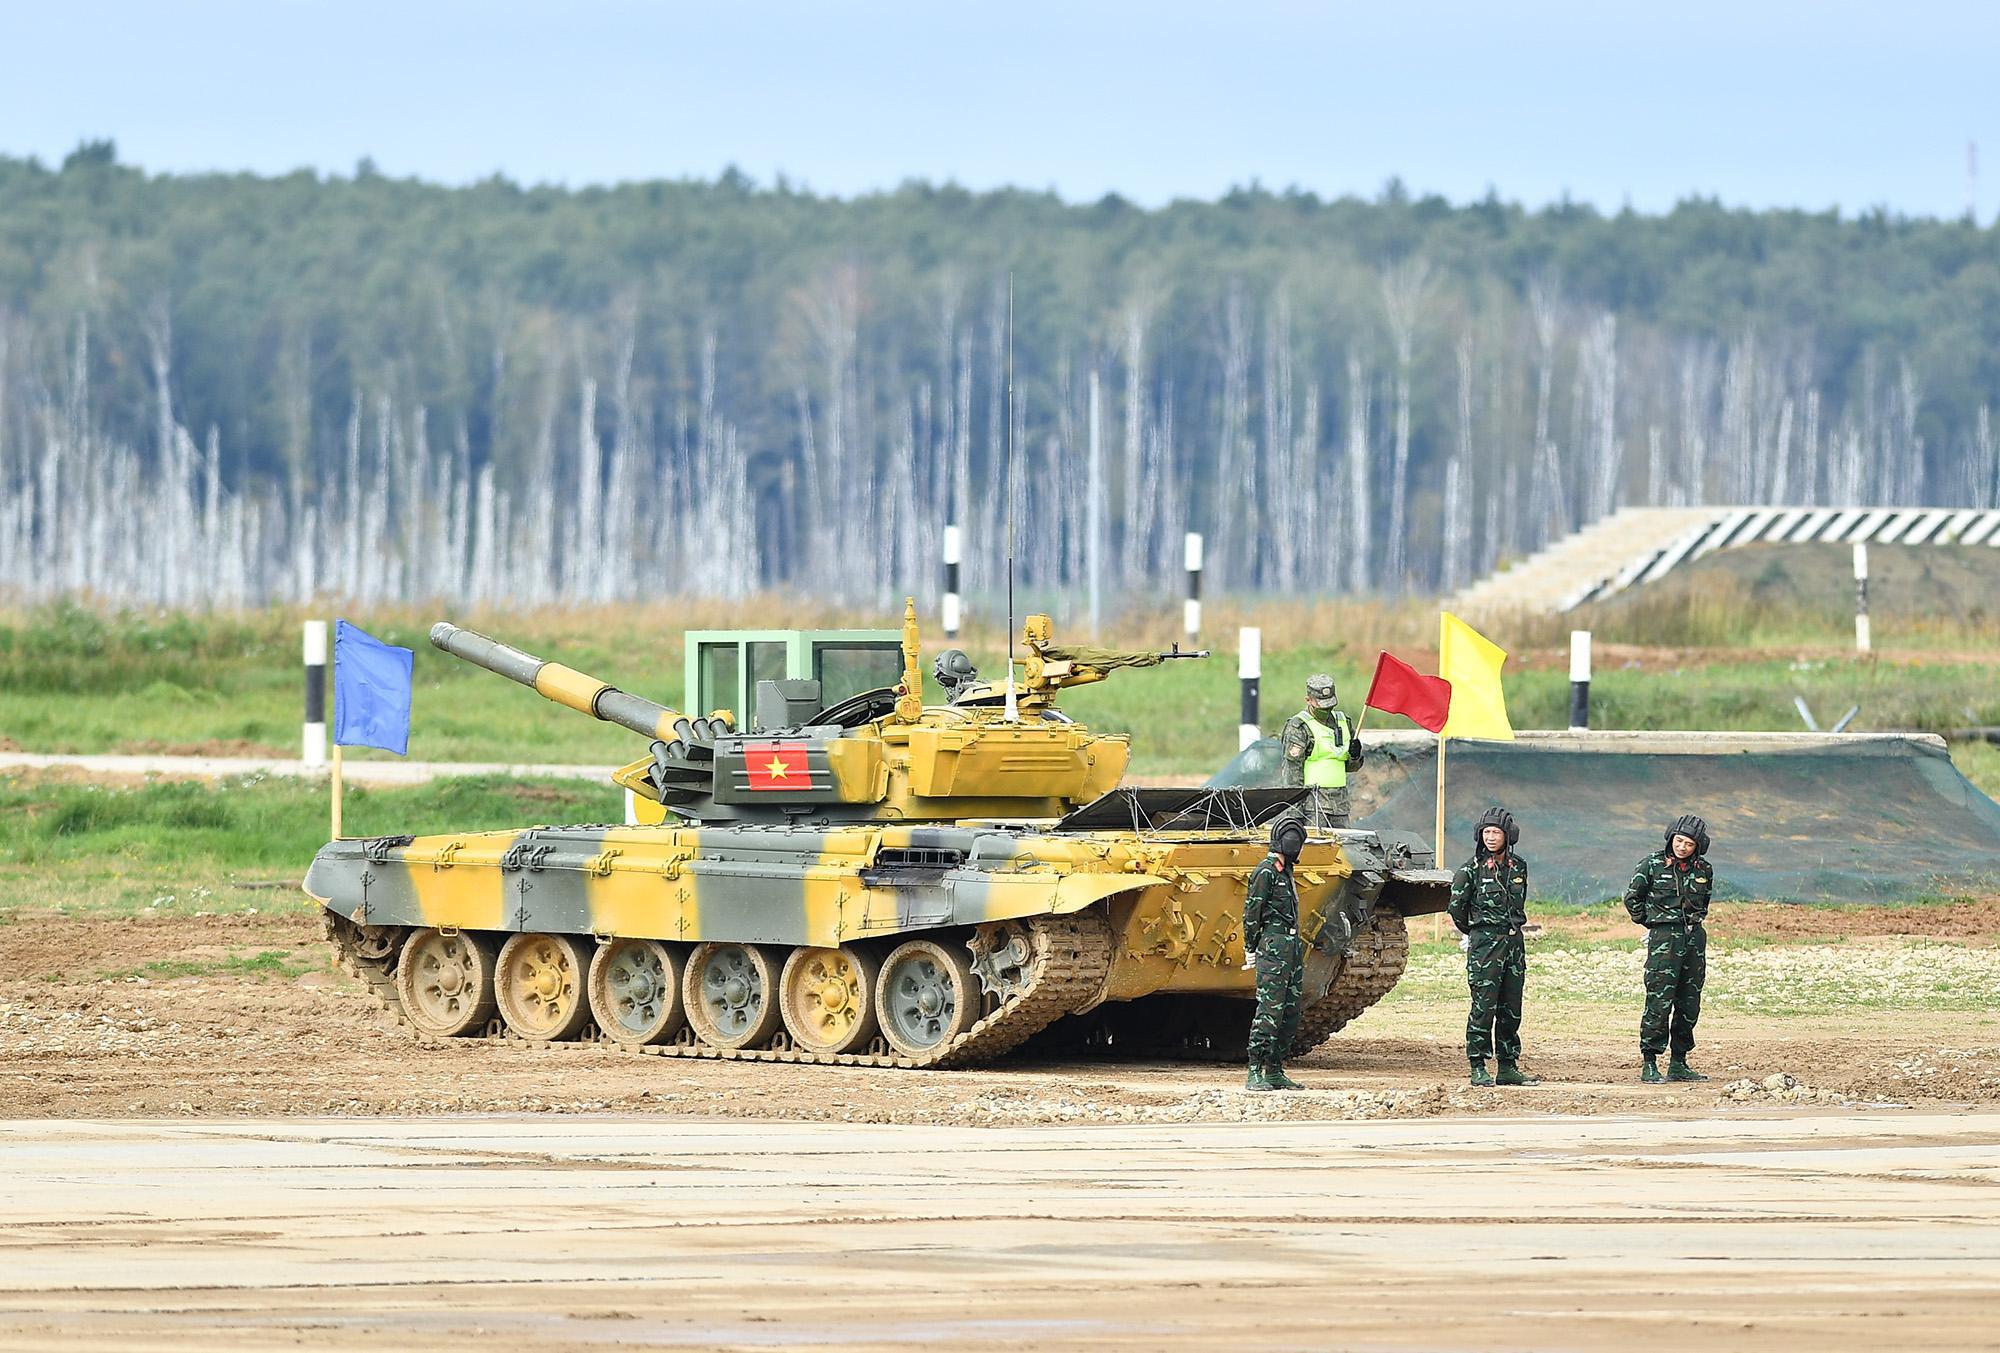 Hình ảnh xe tăng Việt Nam hùng dũng thi đấu ở trận 2 Tank Biathlon - Army Games 2020 - Ảnh 1.